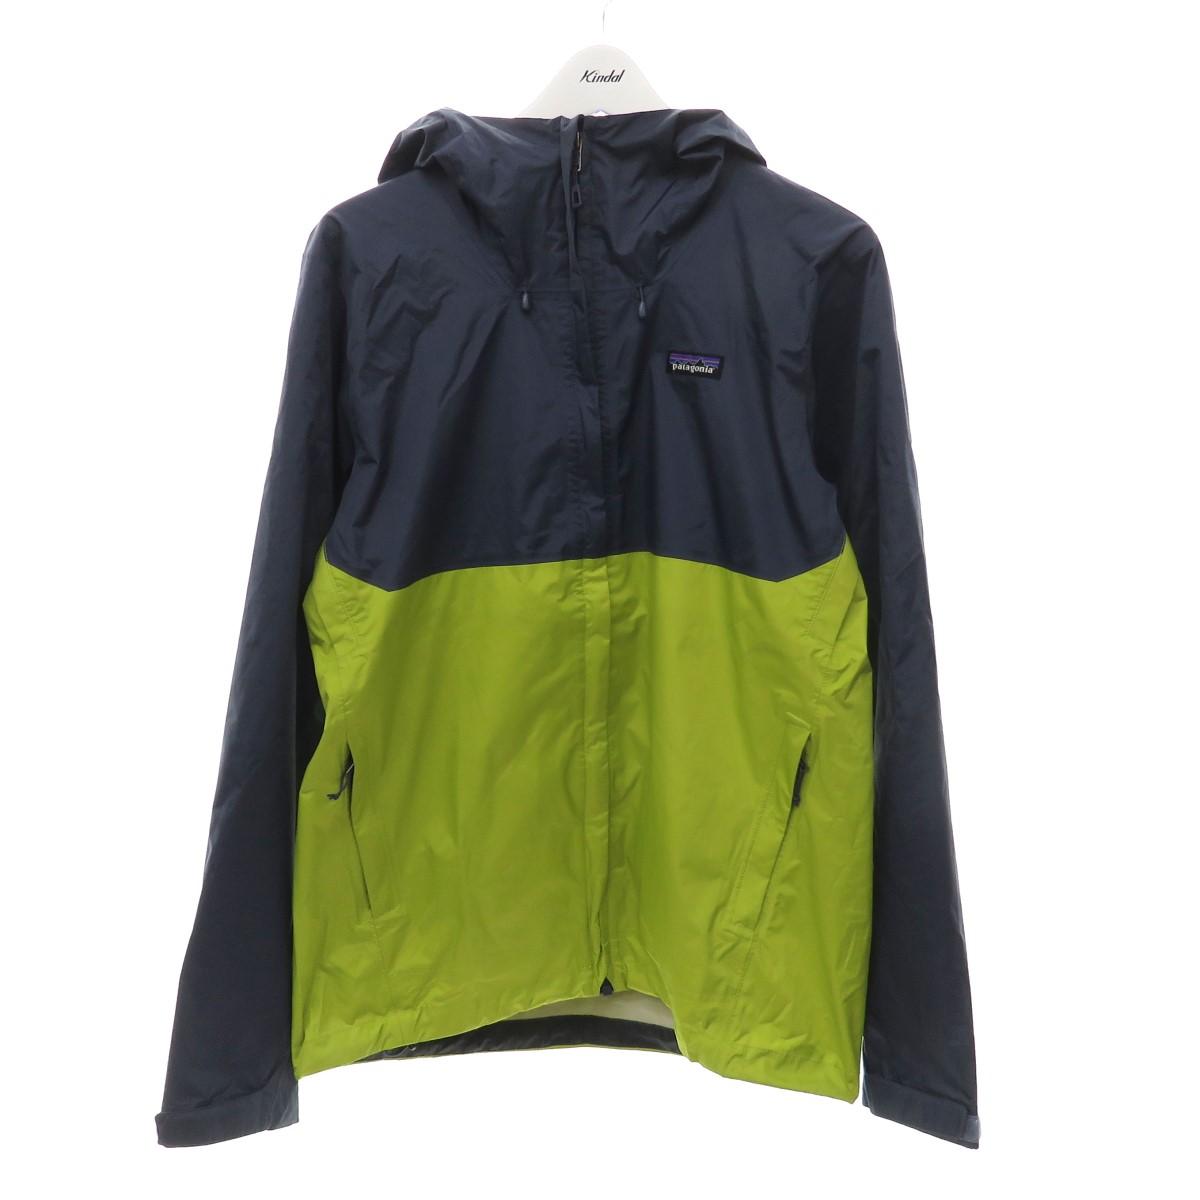 【中古】patagonia Torrentshell Jacket トレントシェルジャケット 83802 ネイビー×グリーン サイズ:M 【090920】(パタゴニア)